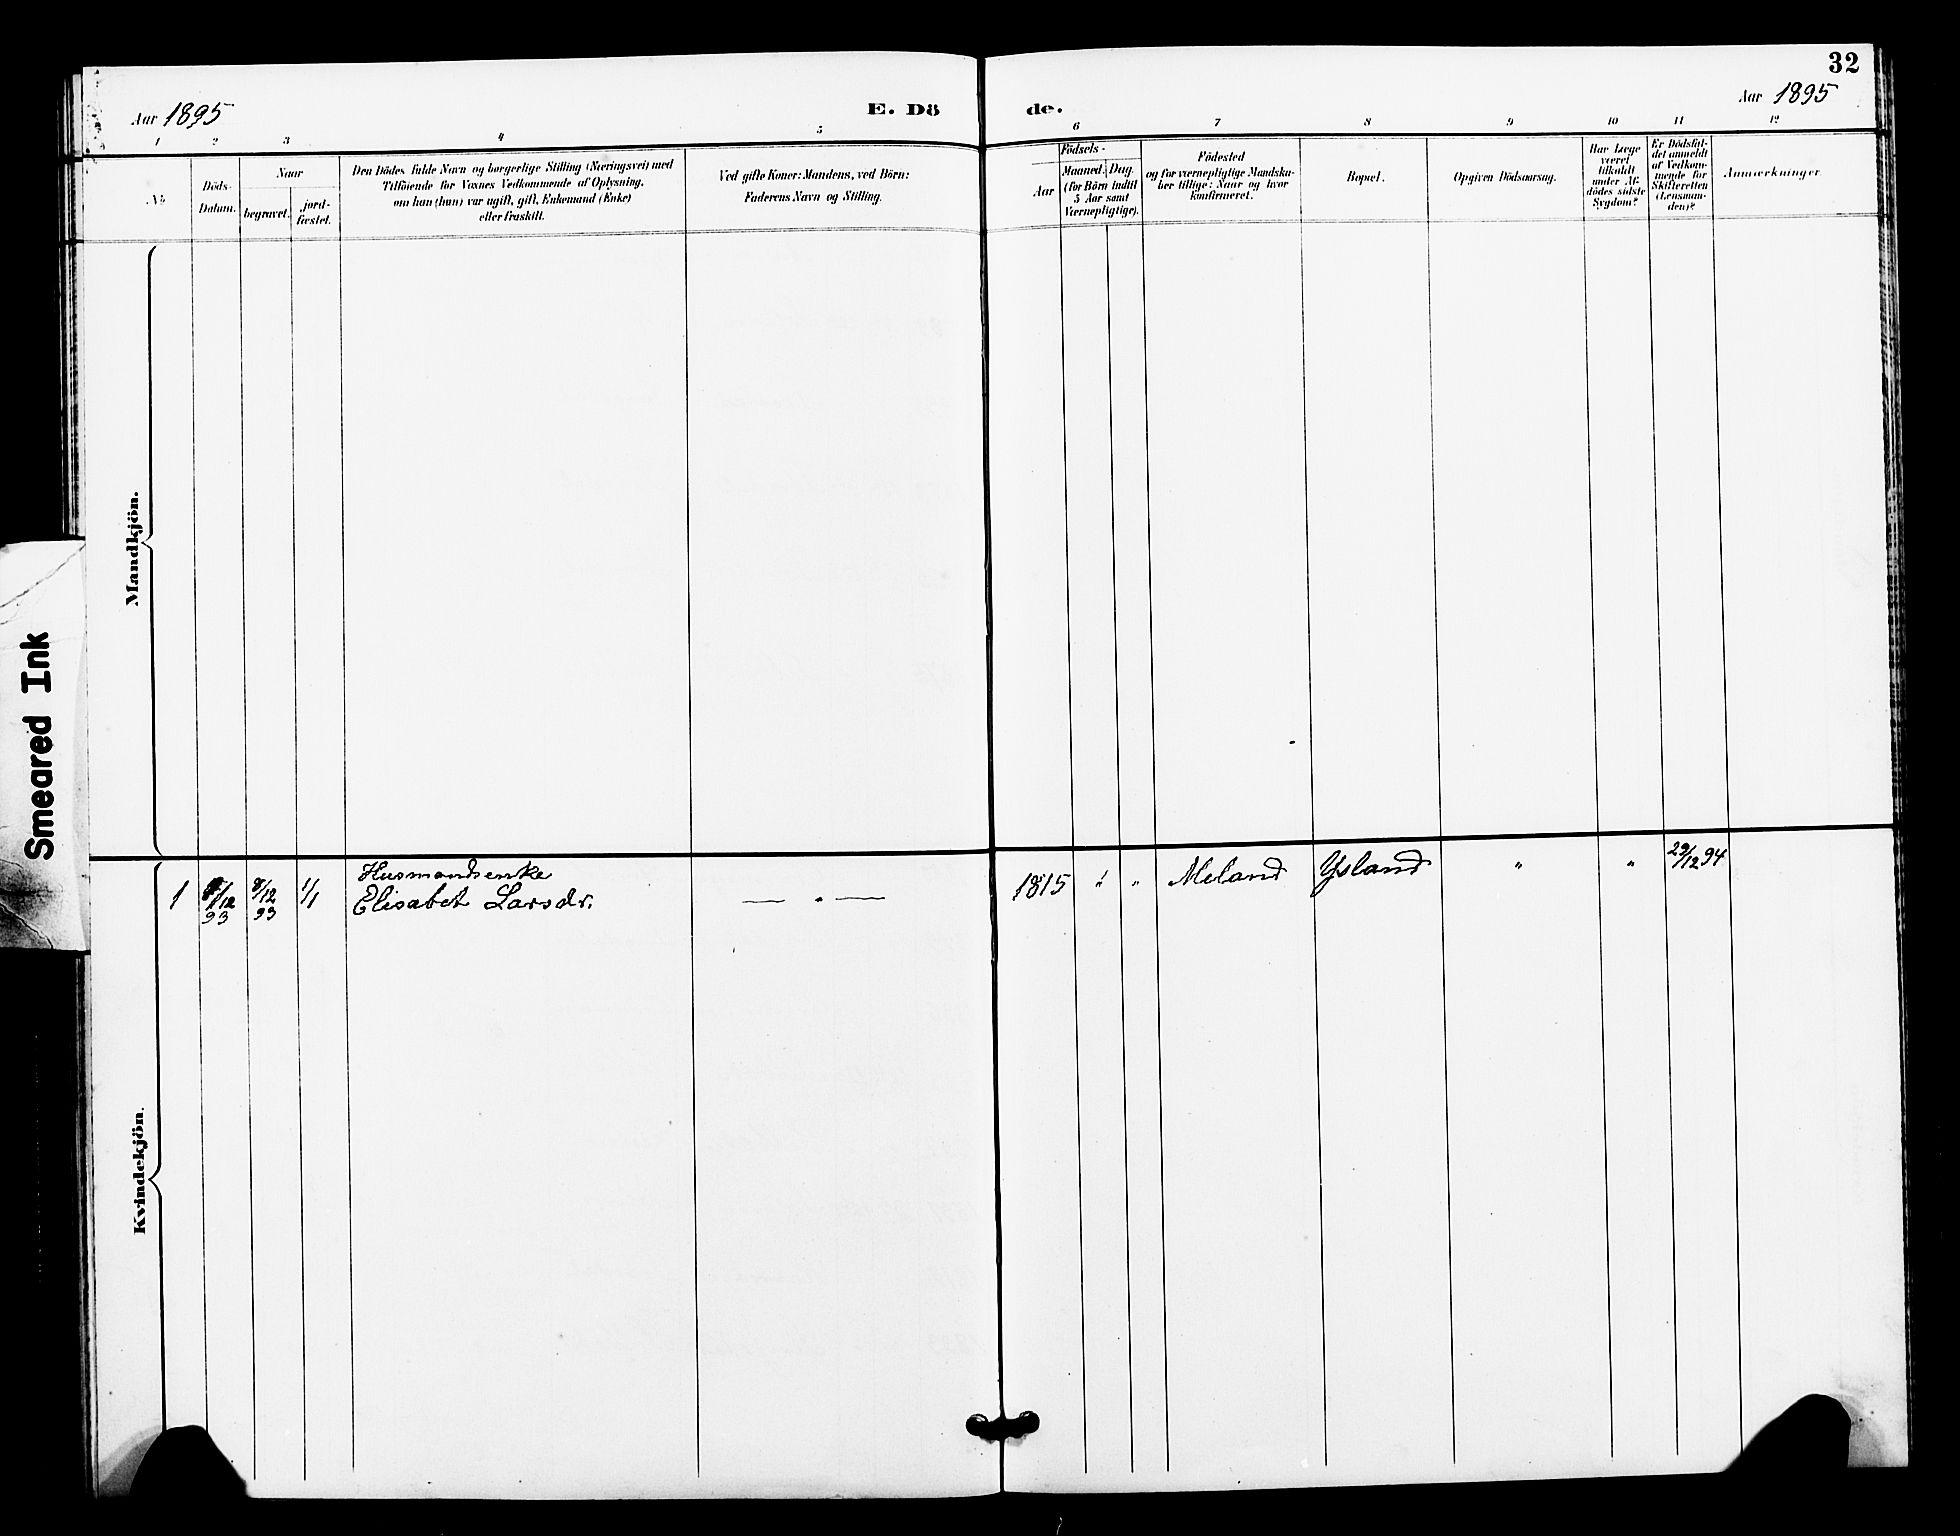 SAT, Ministerialprotokoller, klokkerbøker og fødselsregistre - Sør-Trøndelag, 663/L0762: Klokkerbok nr. 663C02, 1894-1899, s. 32